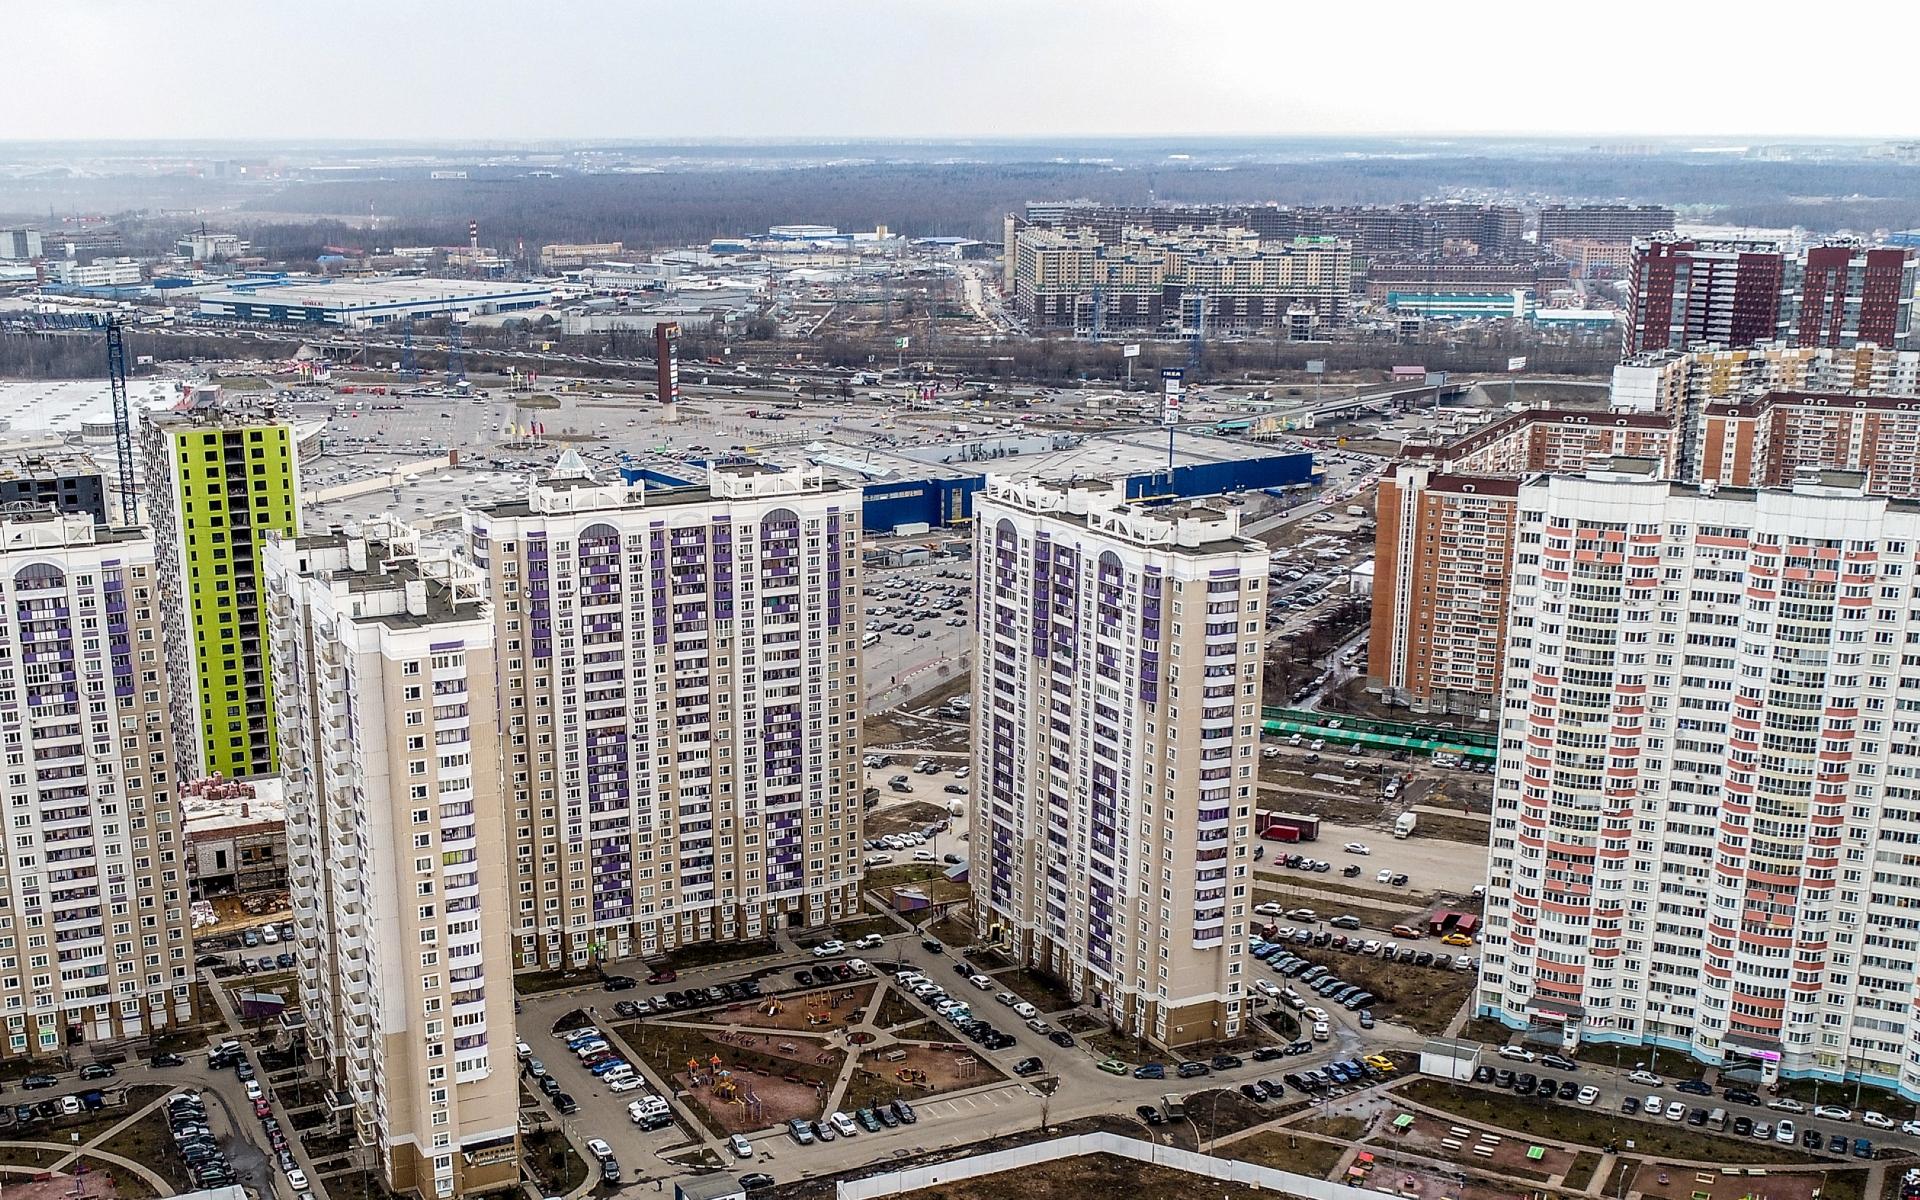 В тройку лидеров по росту цен на новостройки вошли Долгопрудный, Наро-Фоминск и Мытищи